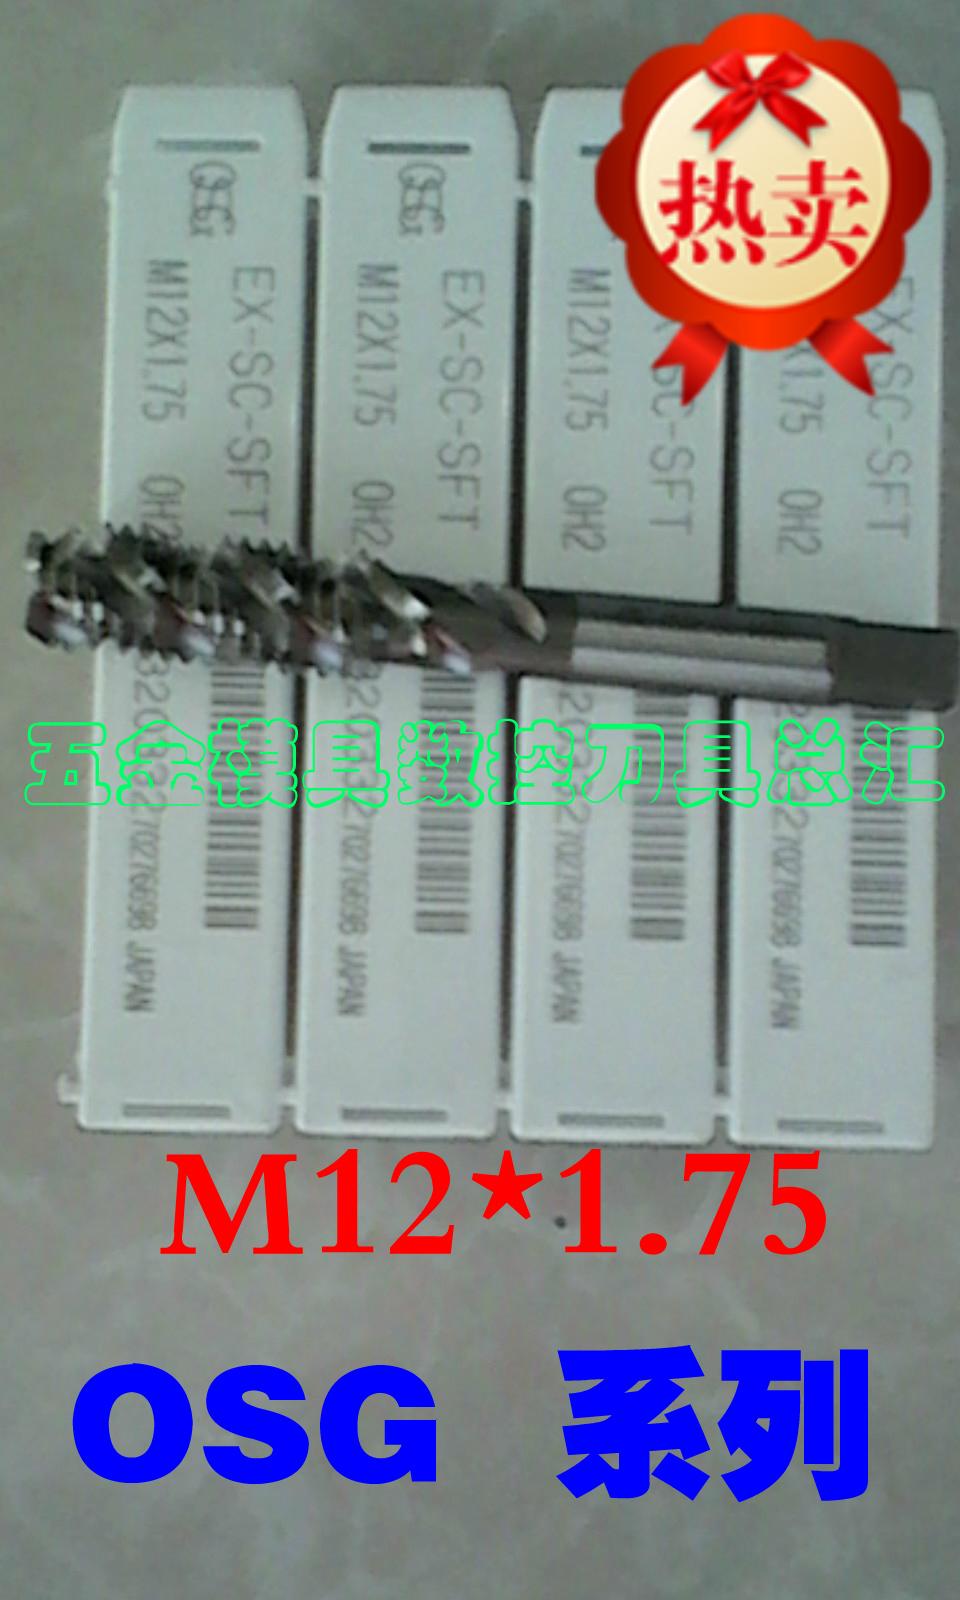 OSG tap M12*1.75 tap, short cutting spiral tap, lengthening tap M12*1.75